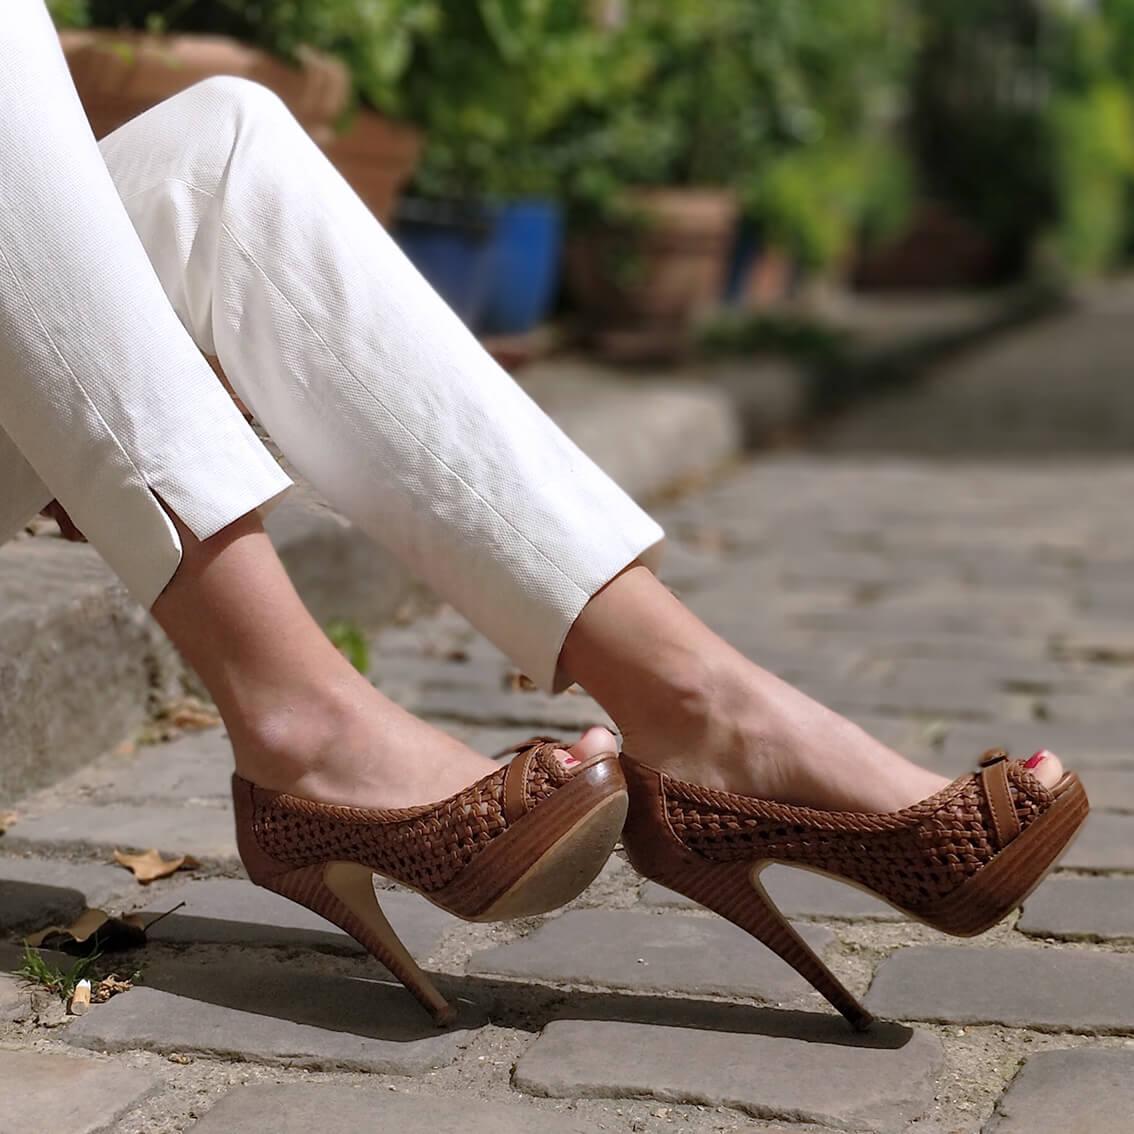 chaussures escarpins aldo plateforme talons hauts - De la verdure et du soleil